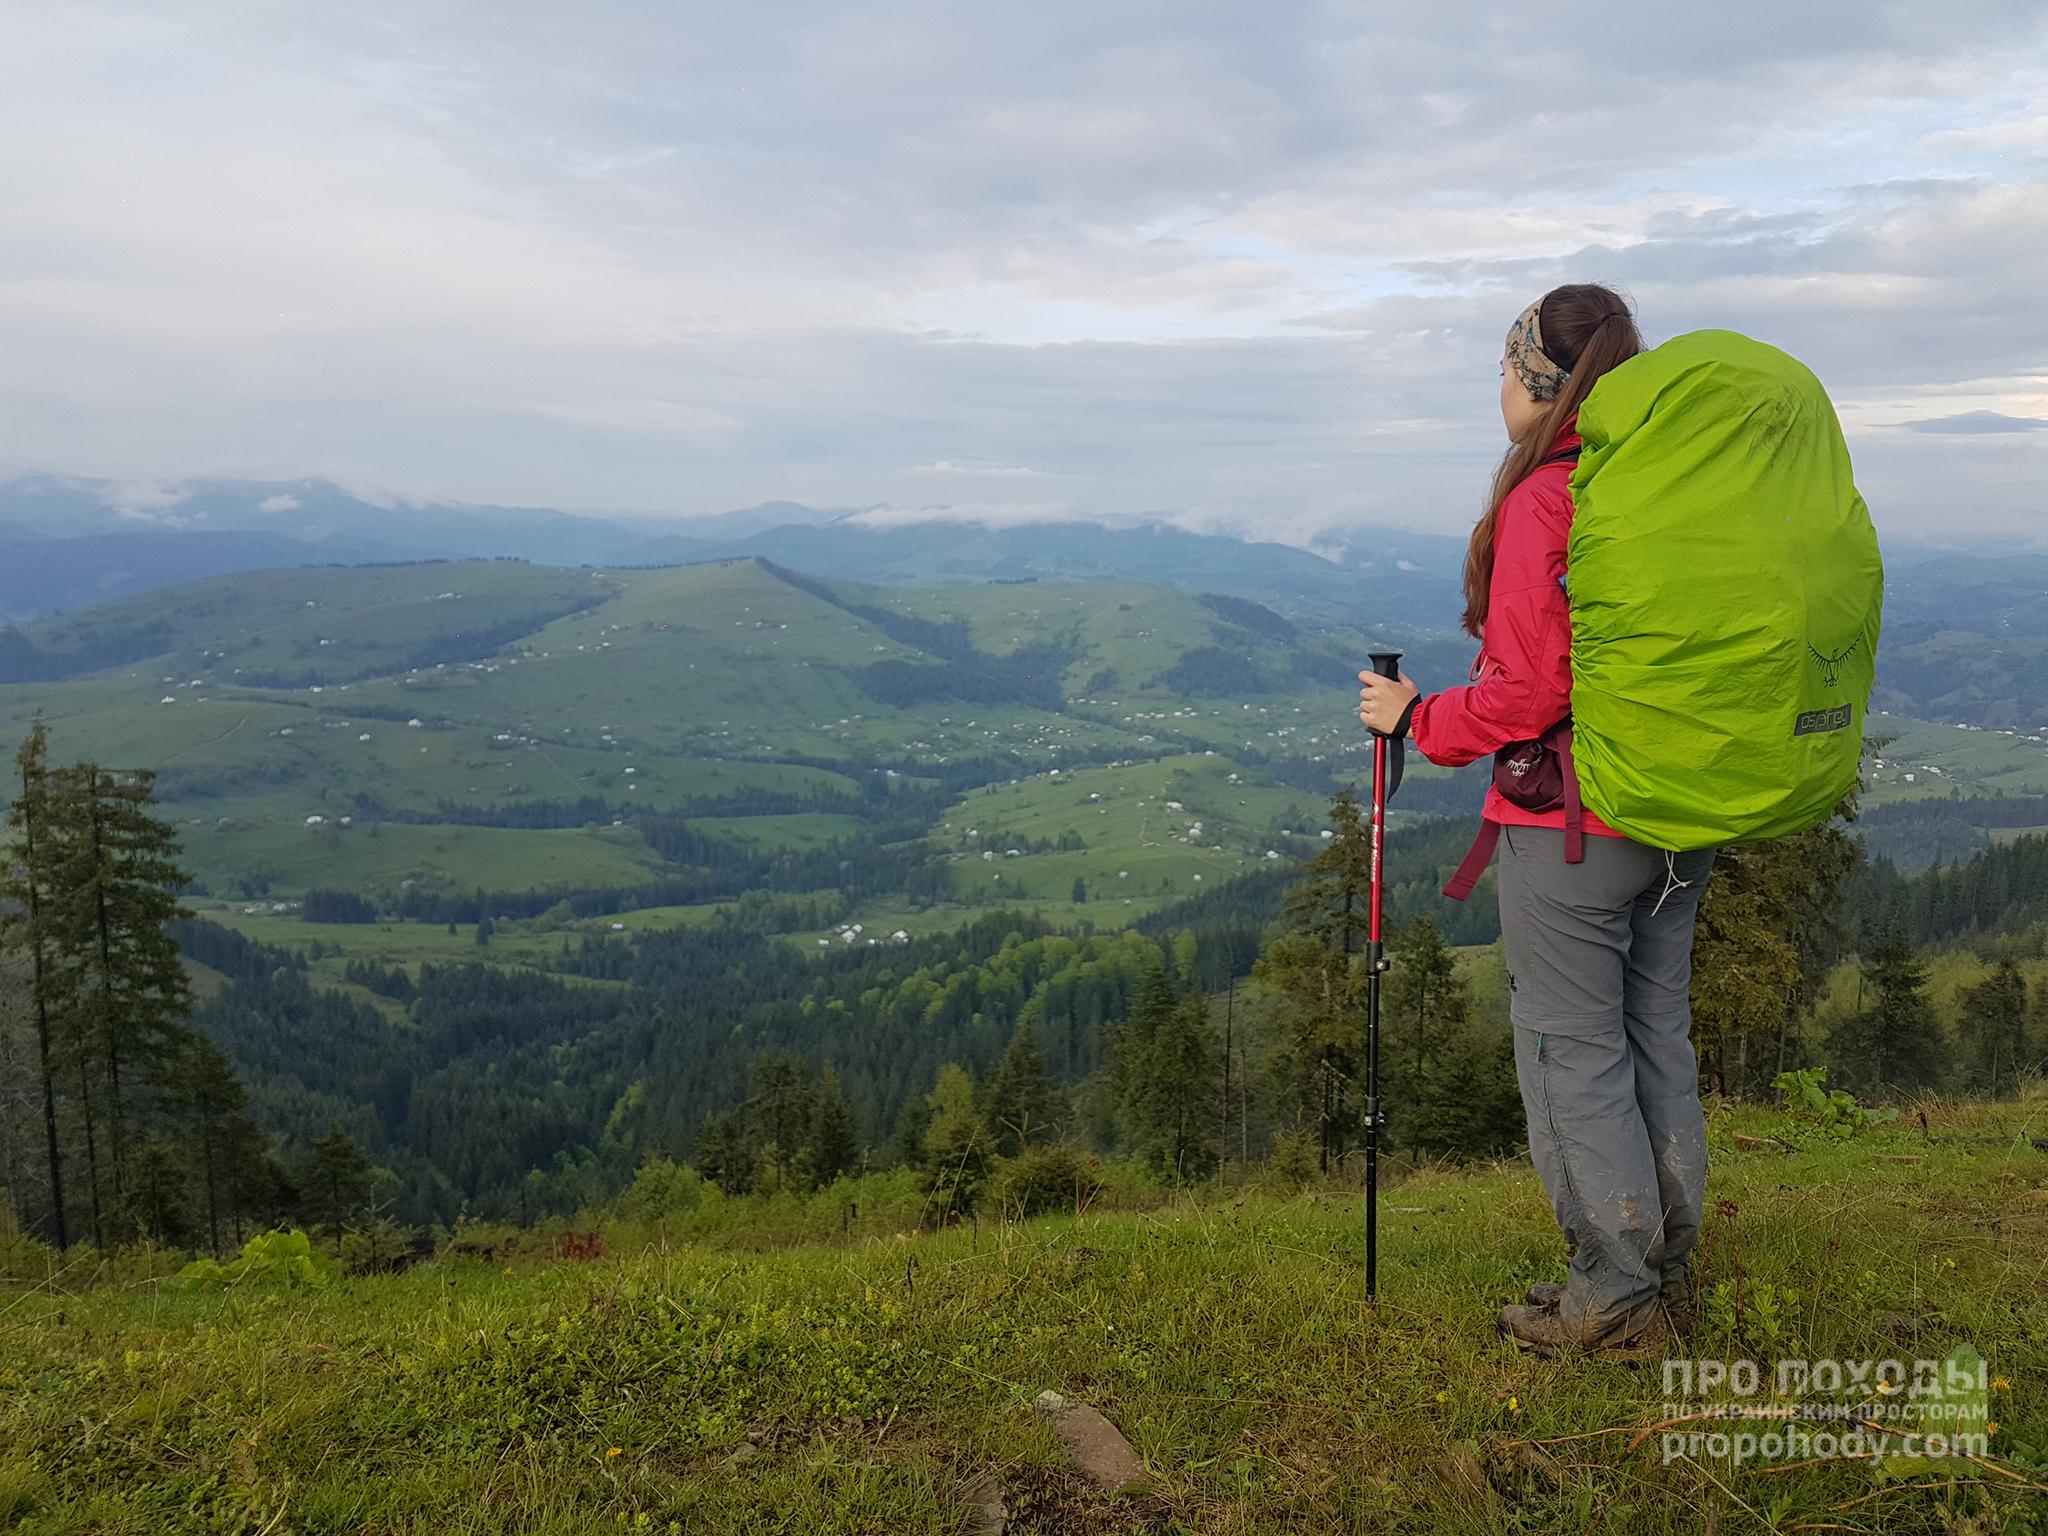 Гринявські гори. Вид з хребта Кринта